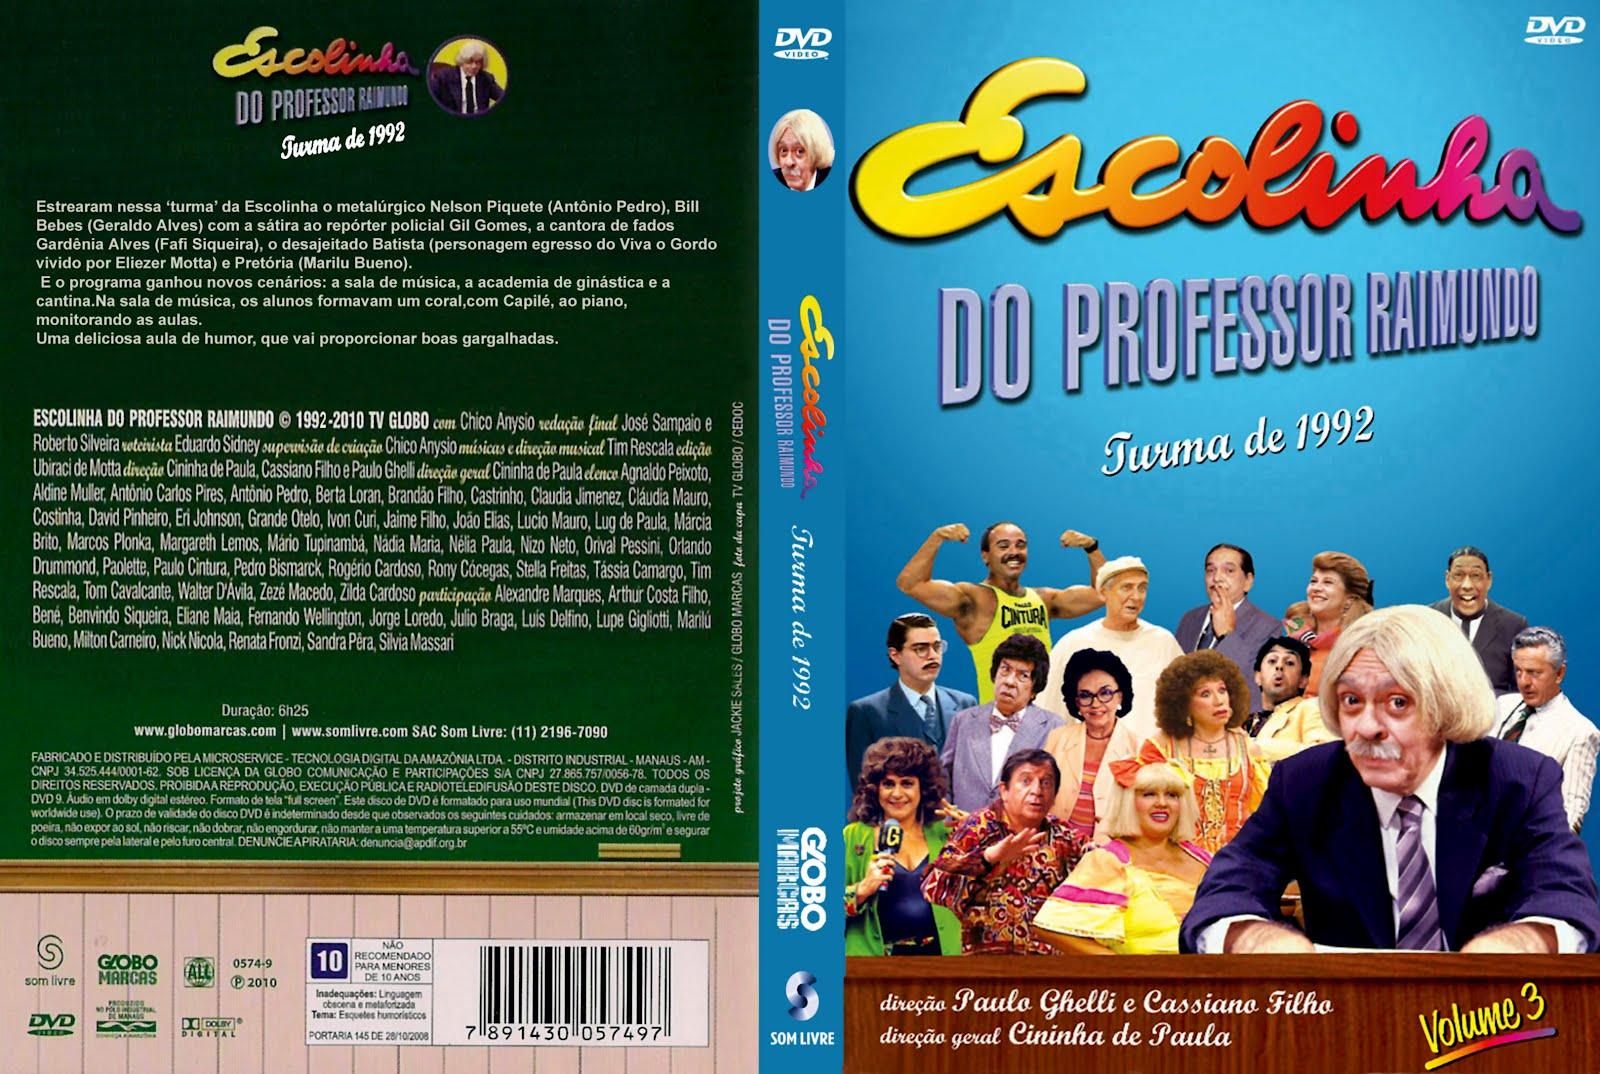 dvd escolinha do professor raimundo gratis